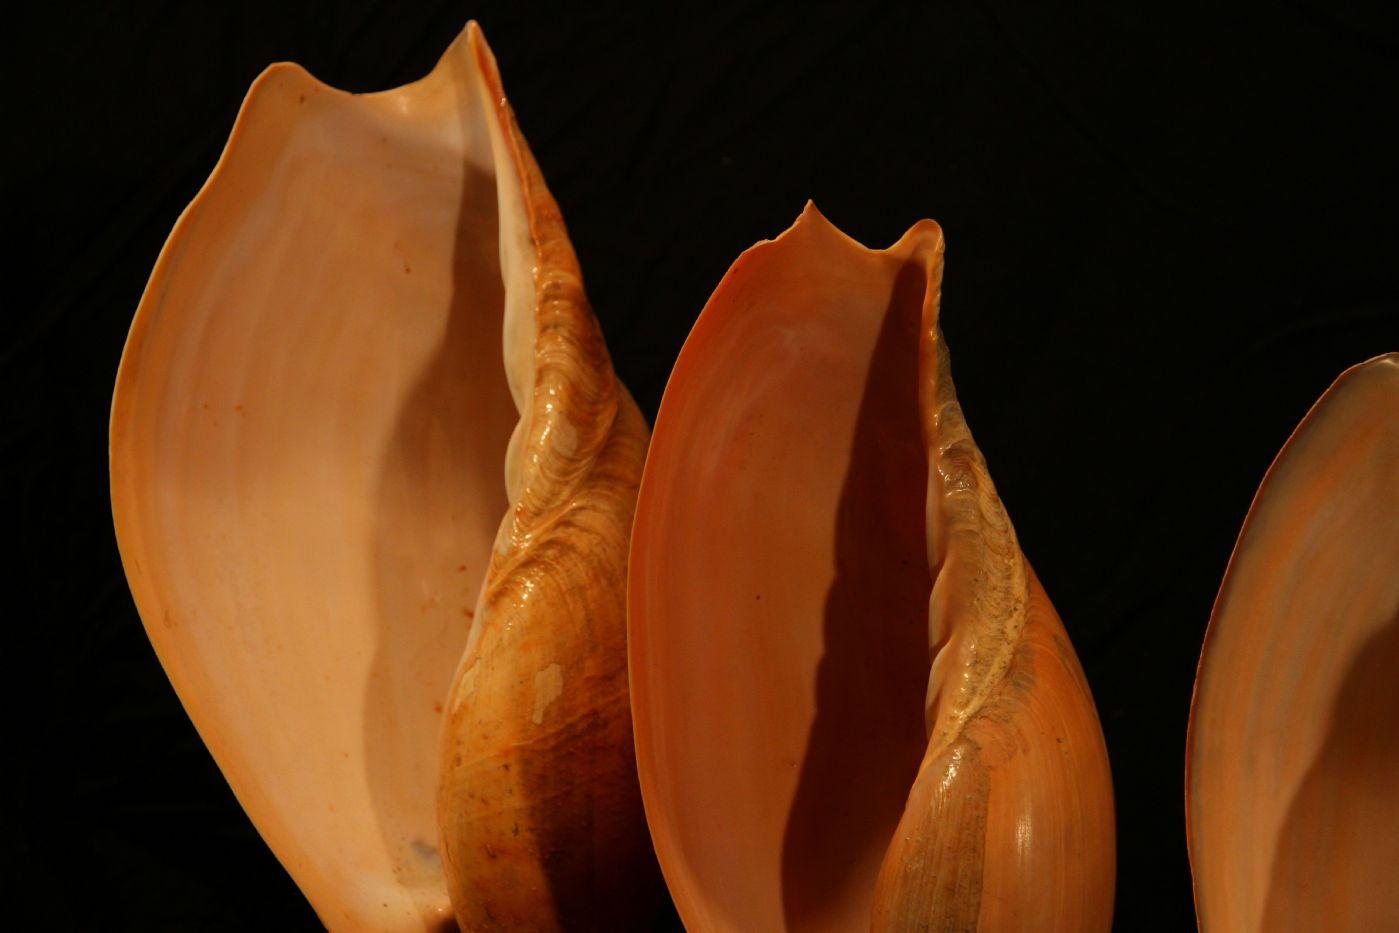 thumb2|Quattro conchiglie su base di legno, Golfo di Guinea